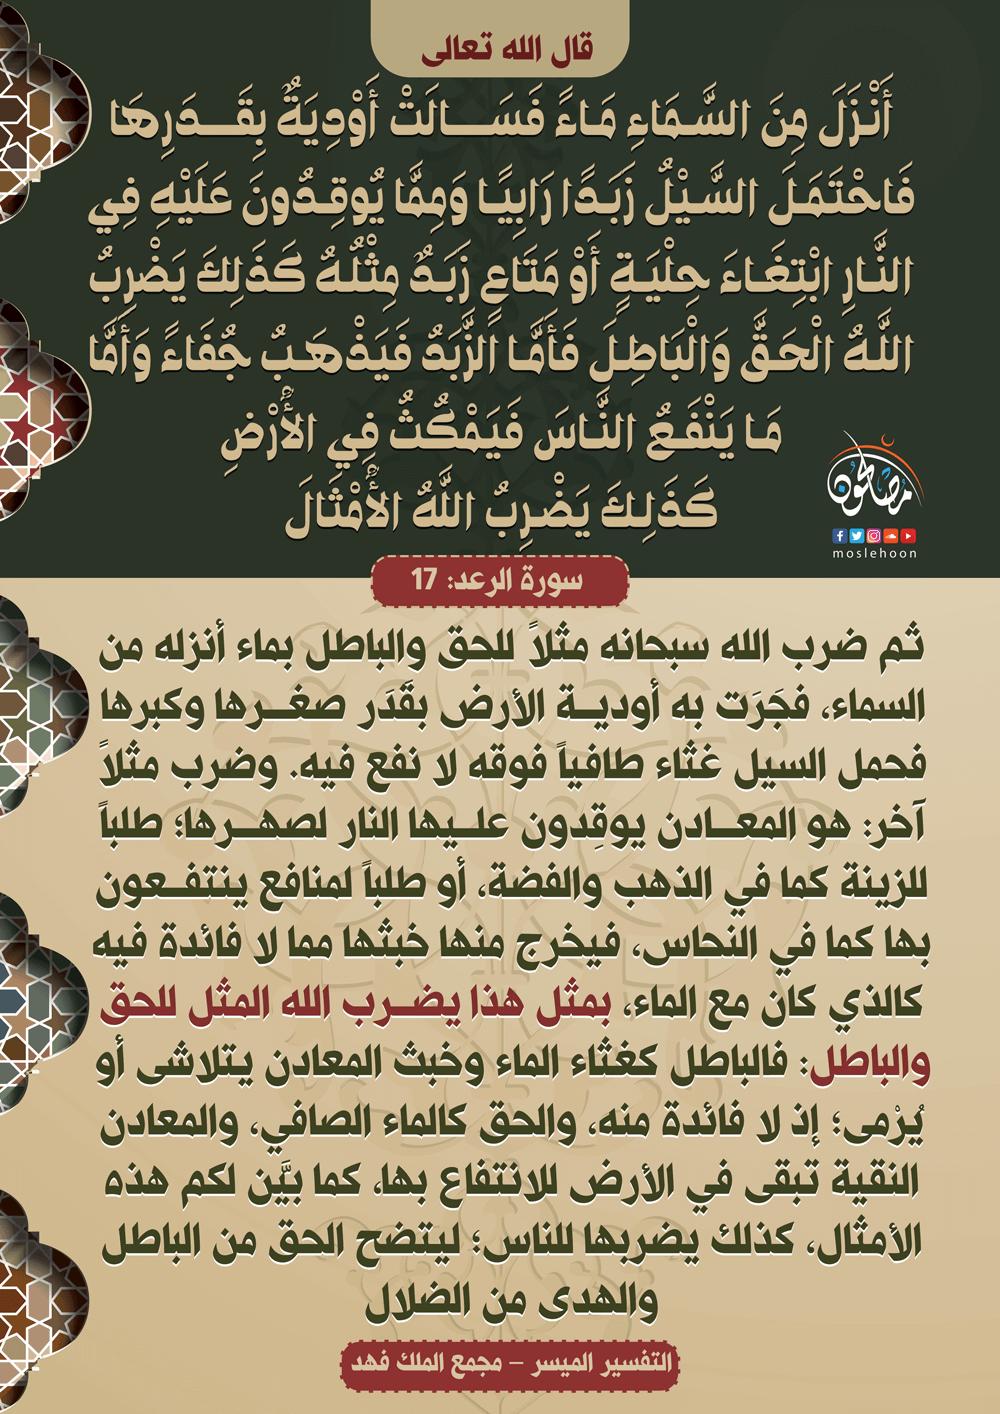 من أمثال القرآن لإيضاح عاقبة الحق والباطل